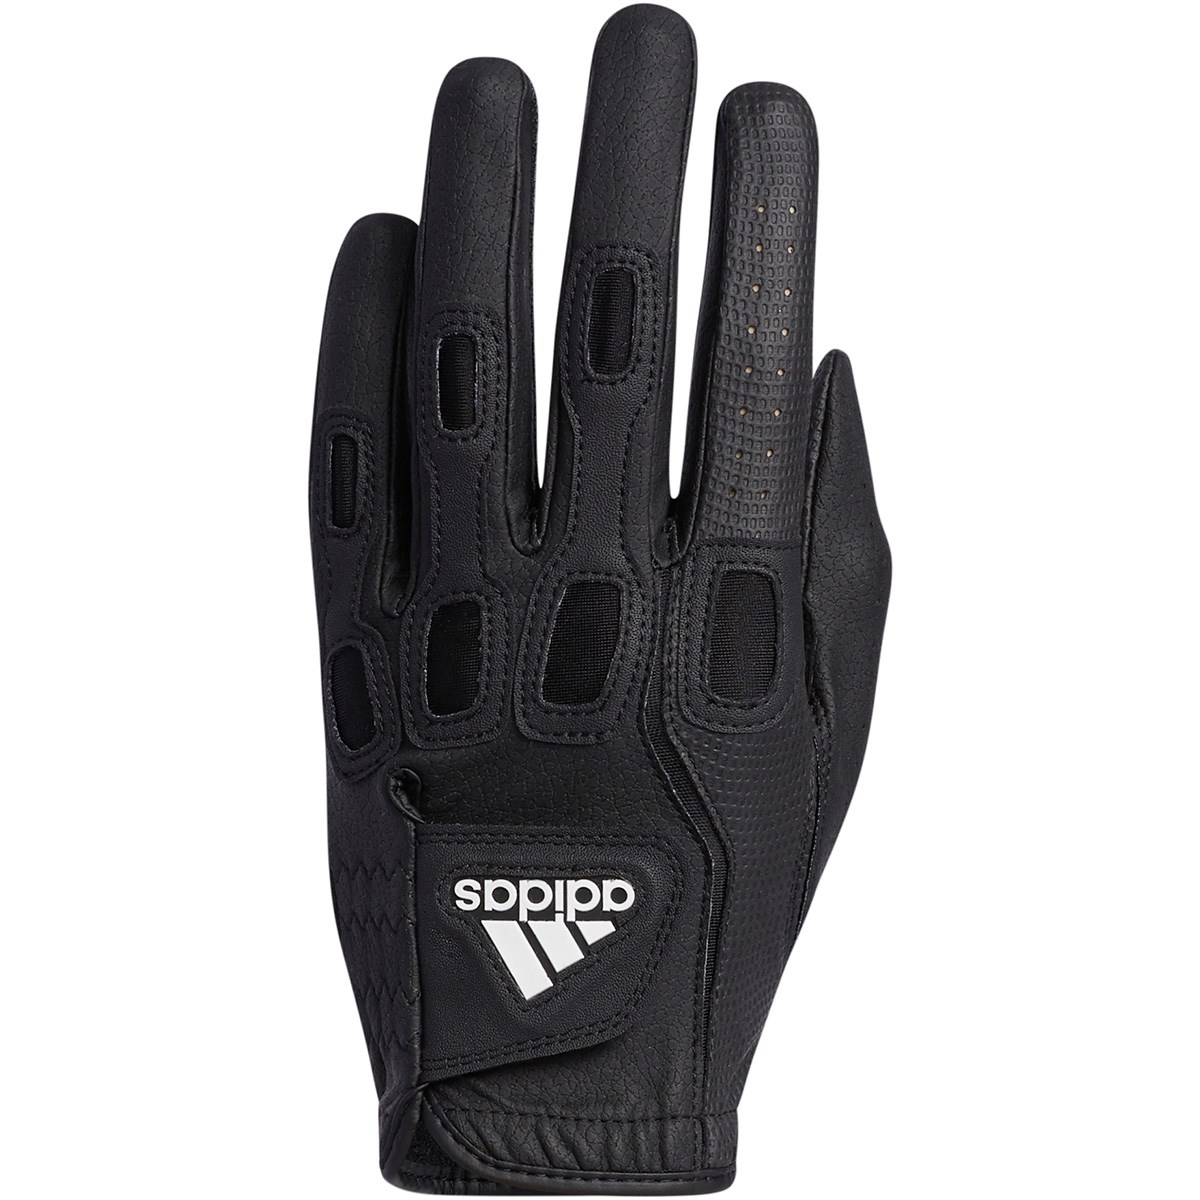 アディダス Adidas マルチフィット9 グローブ 5枚セット 25cm 左手着用(右利き用) ブラック/ホワイト